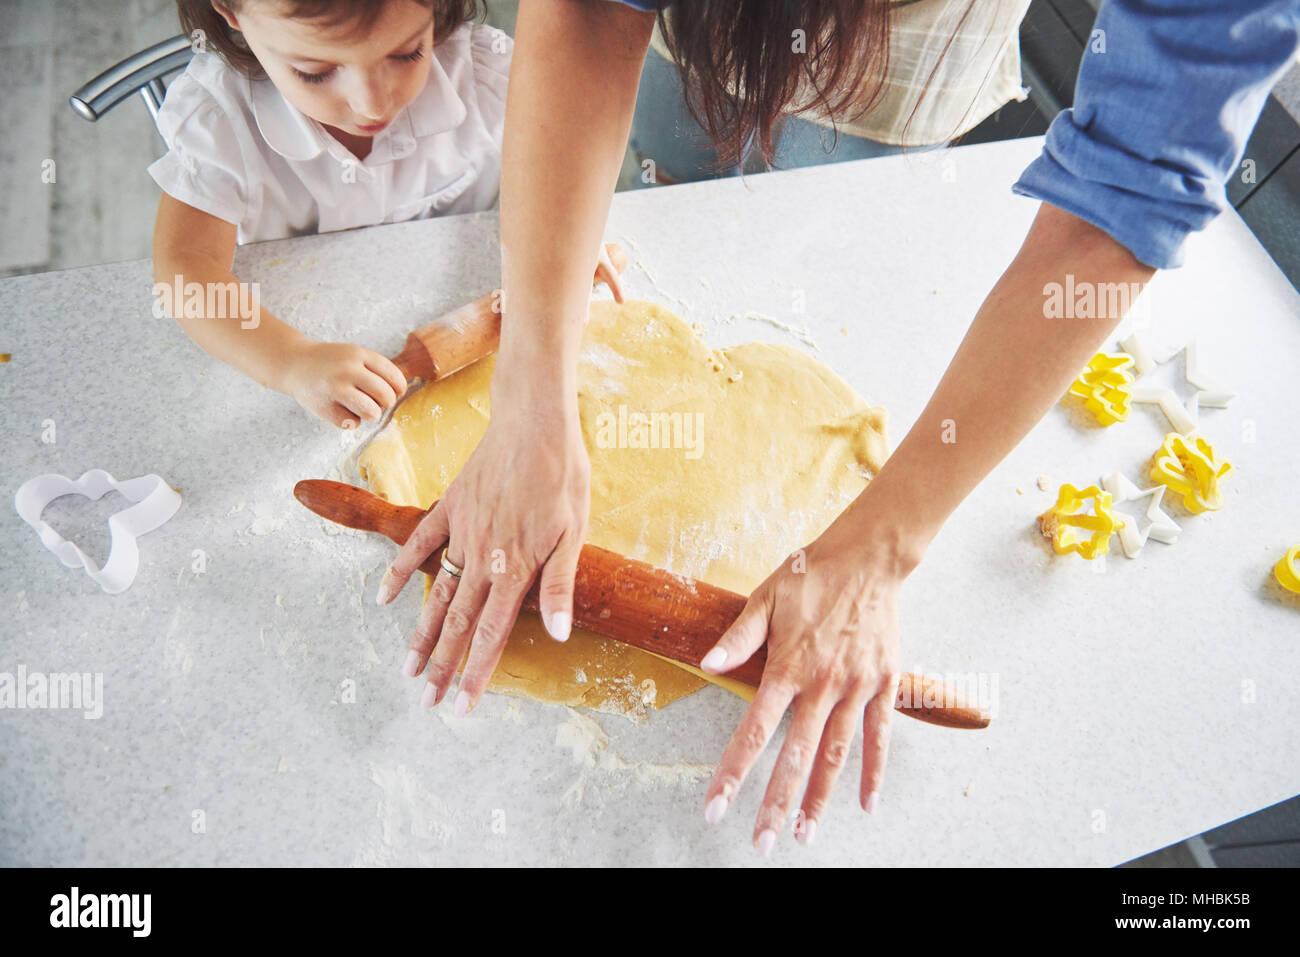 La famiglia felice vacanza preparazione del concetto di cibo. Cucina di famiglia biscotti di Natale. Le mani della madre e figlia preparare la pasta sul tavolo. La famiglia felice nel rendere i cookie a casa Immagini Stock